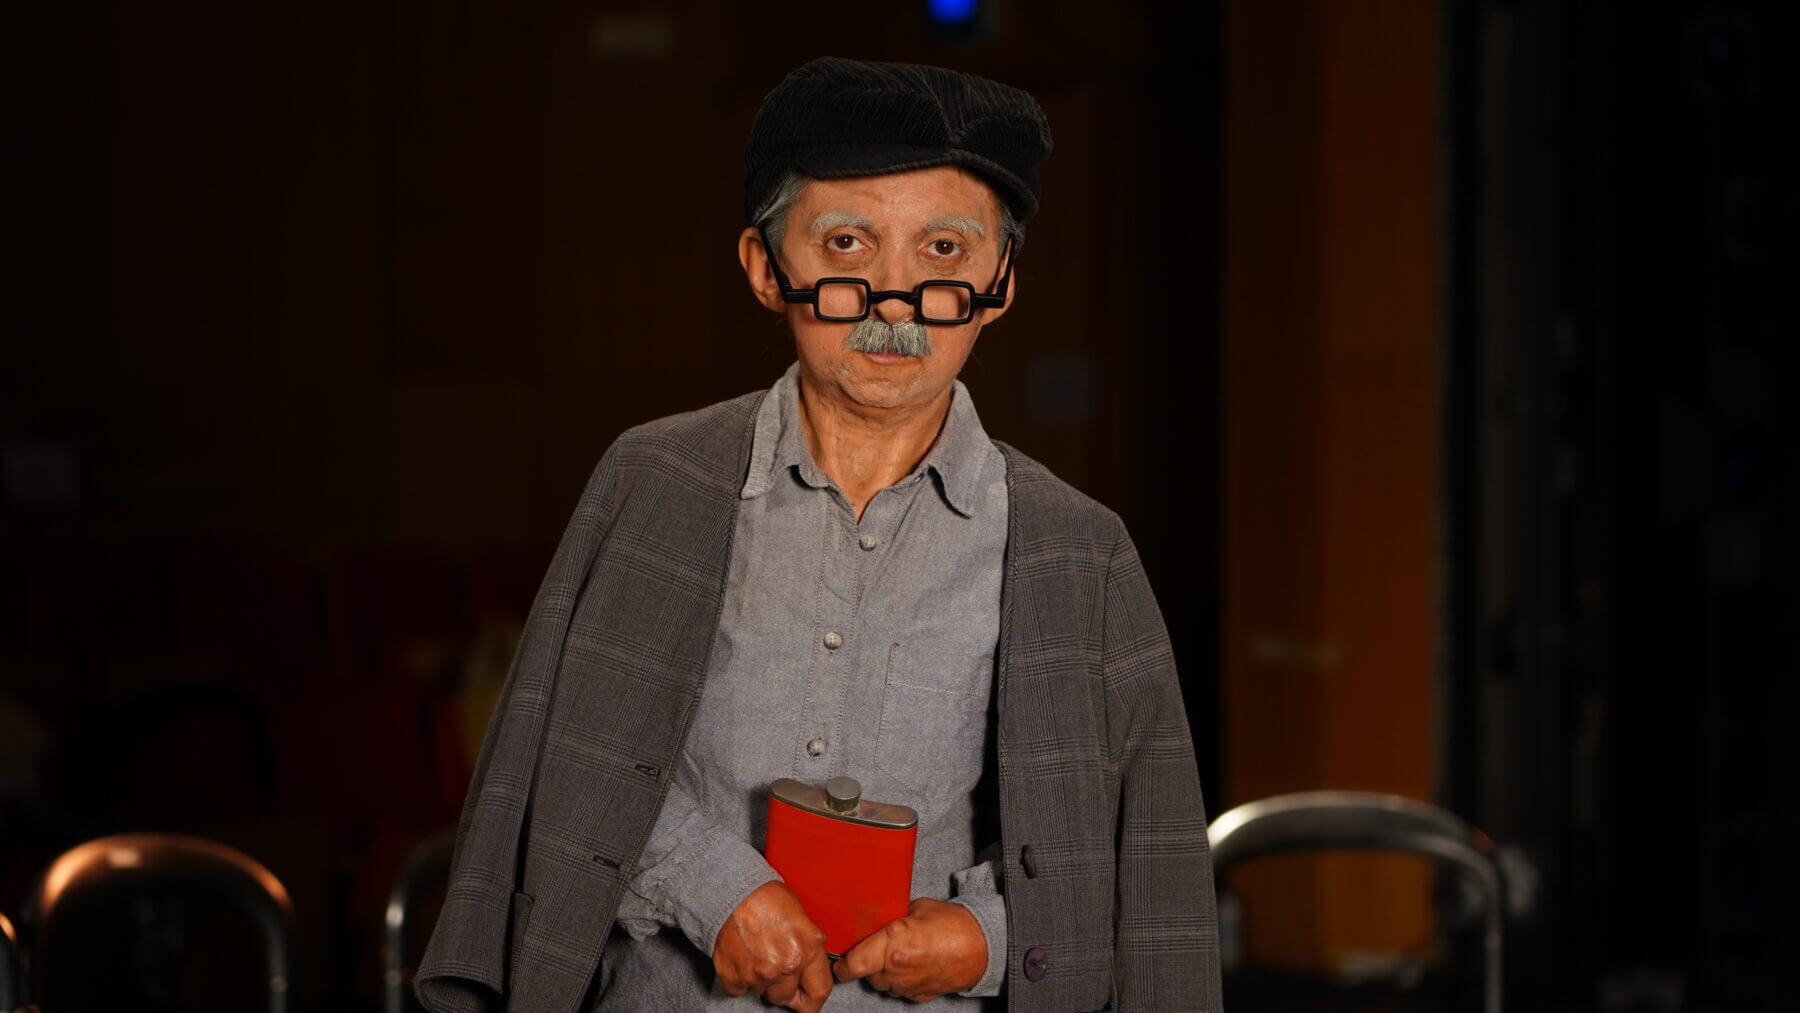 Umirovljenici, neobičan performans za vas održava 94-godišnji Pero Kavgić